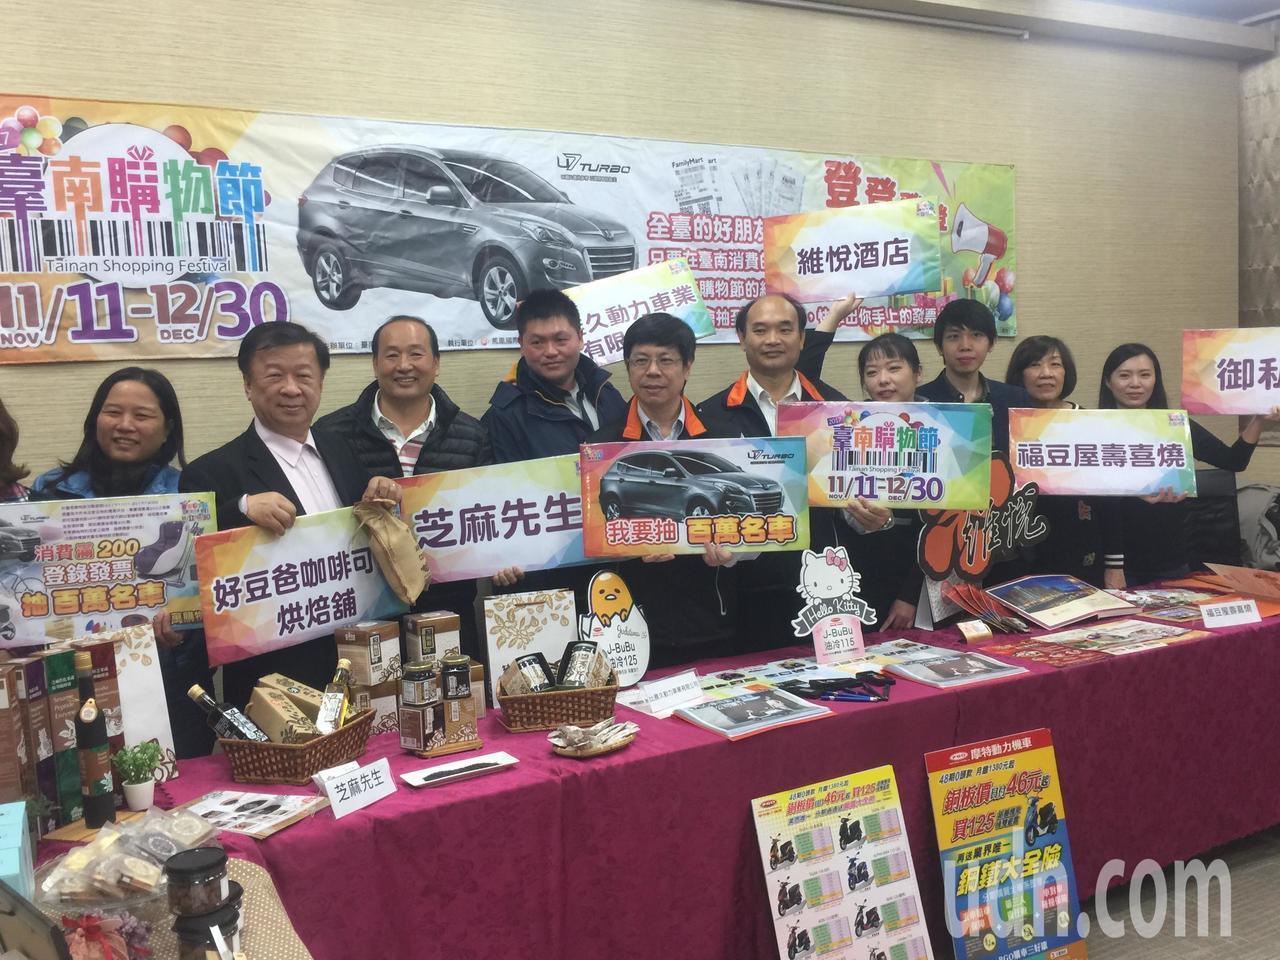 台南購物節至本月30日結束。記者吳政修/攝影